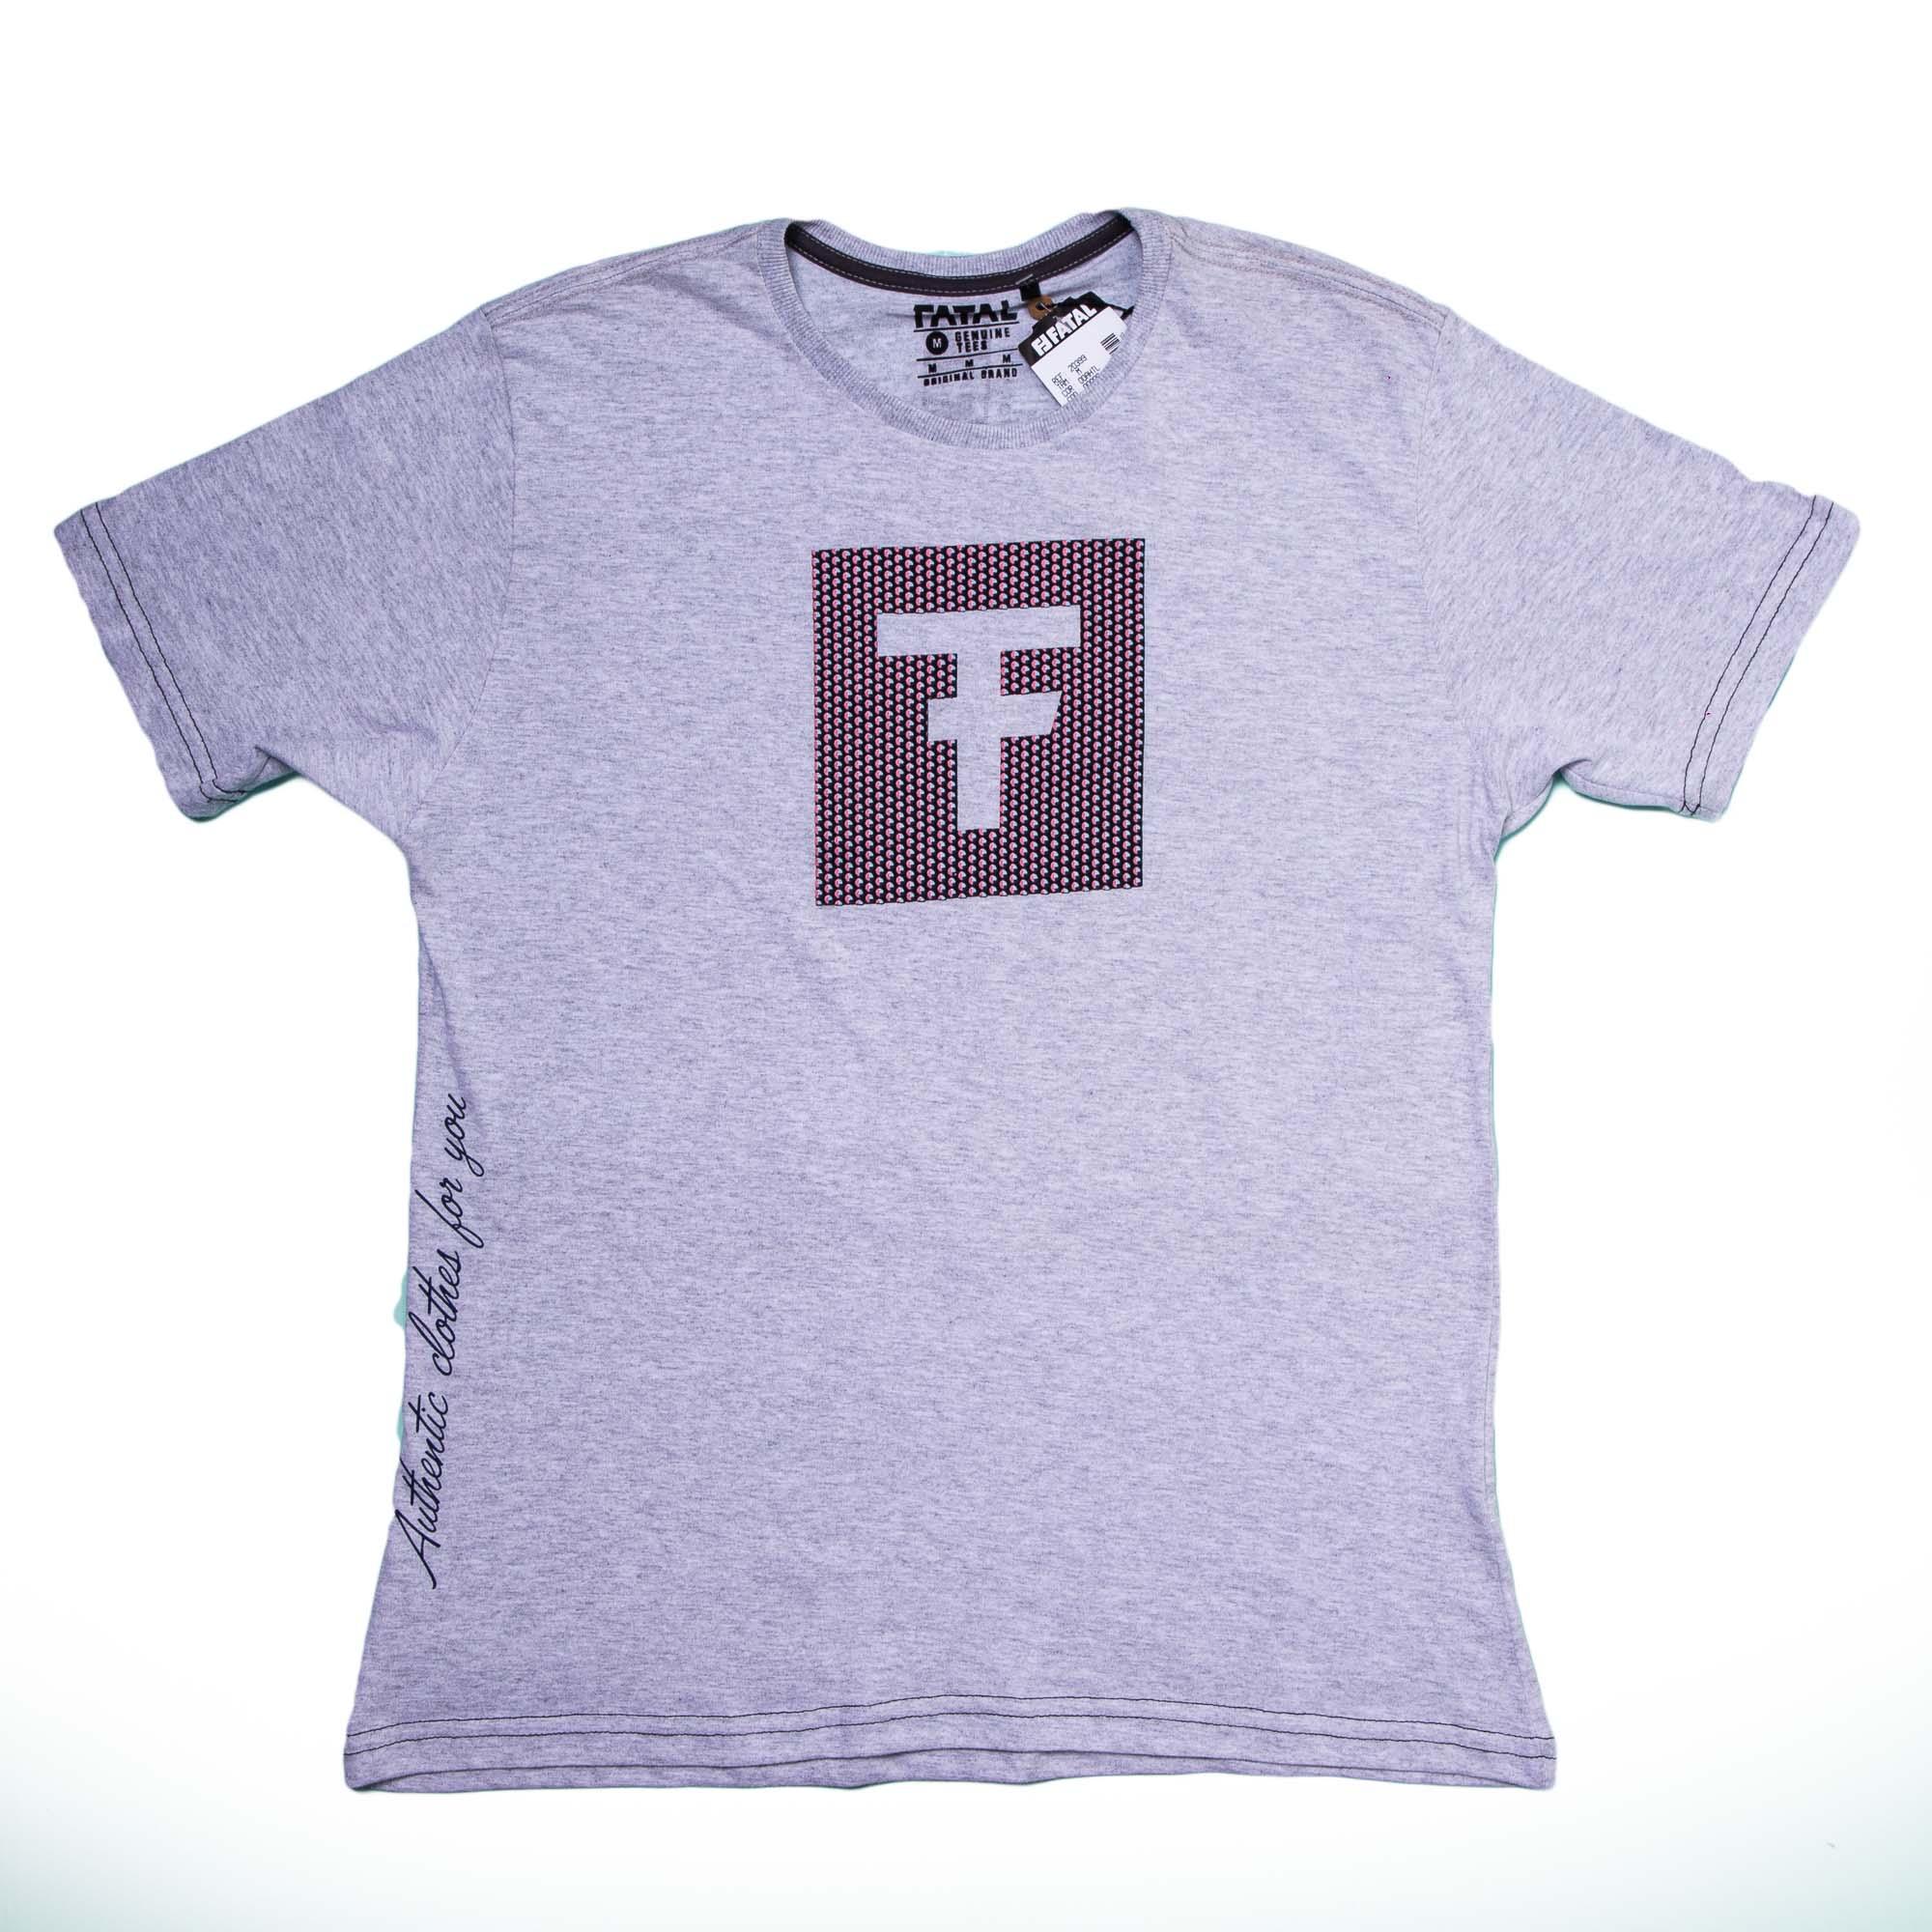 Camiseta Masculina Manga Curta Com Estampa - Fatal